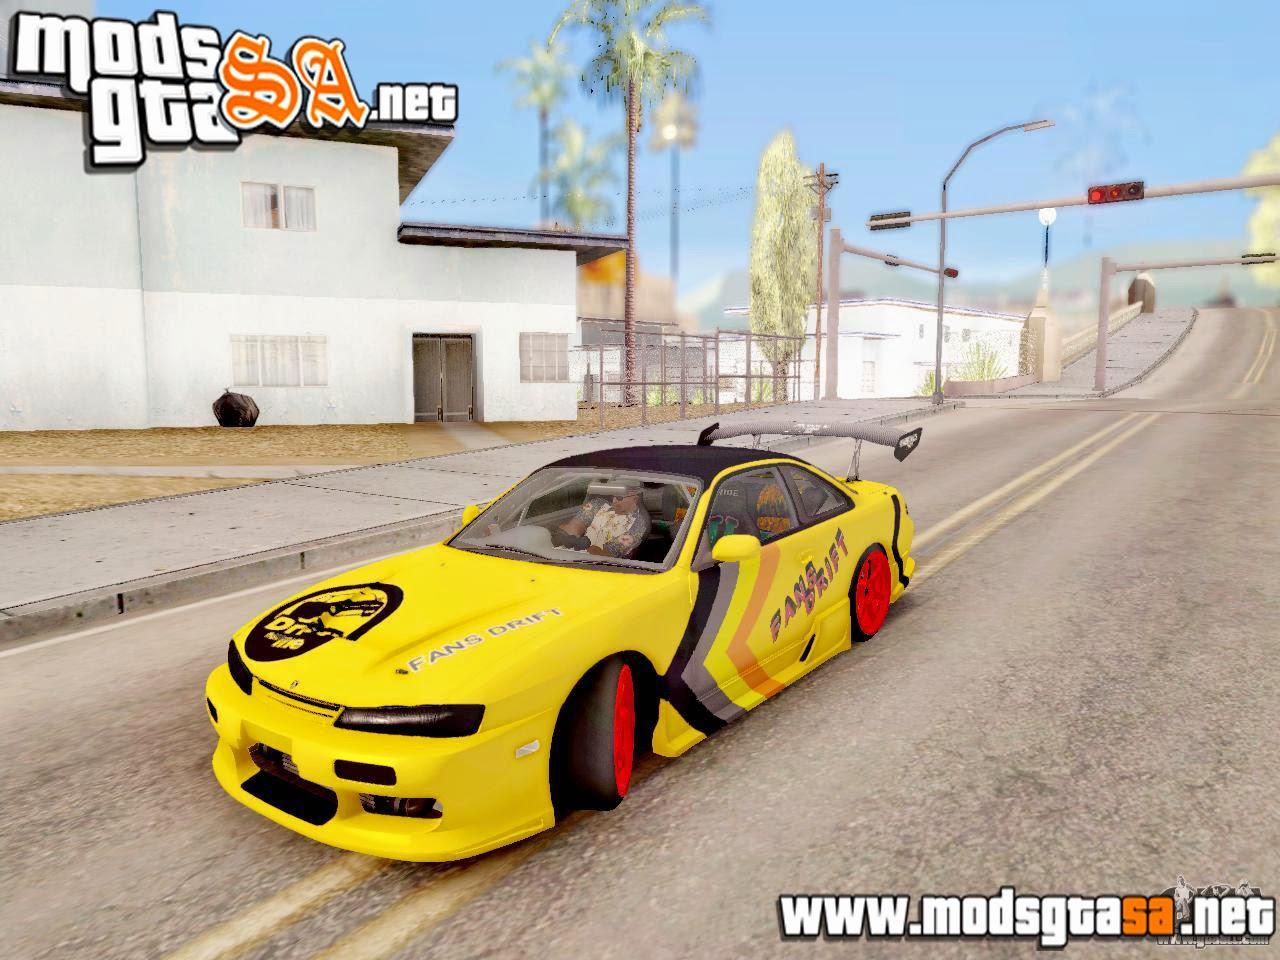 SA - Mod Dirigir Carros Igual ao GTA IV